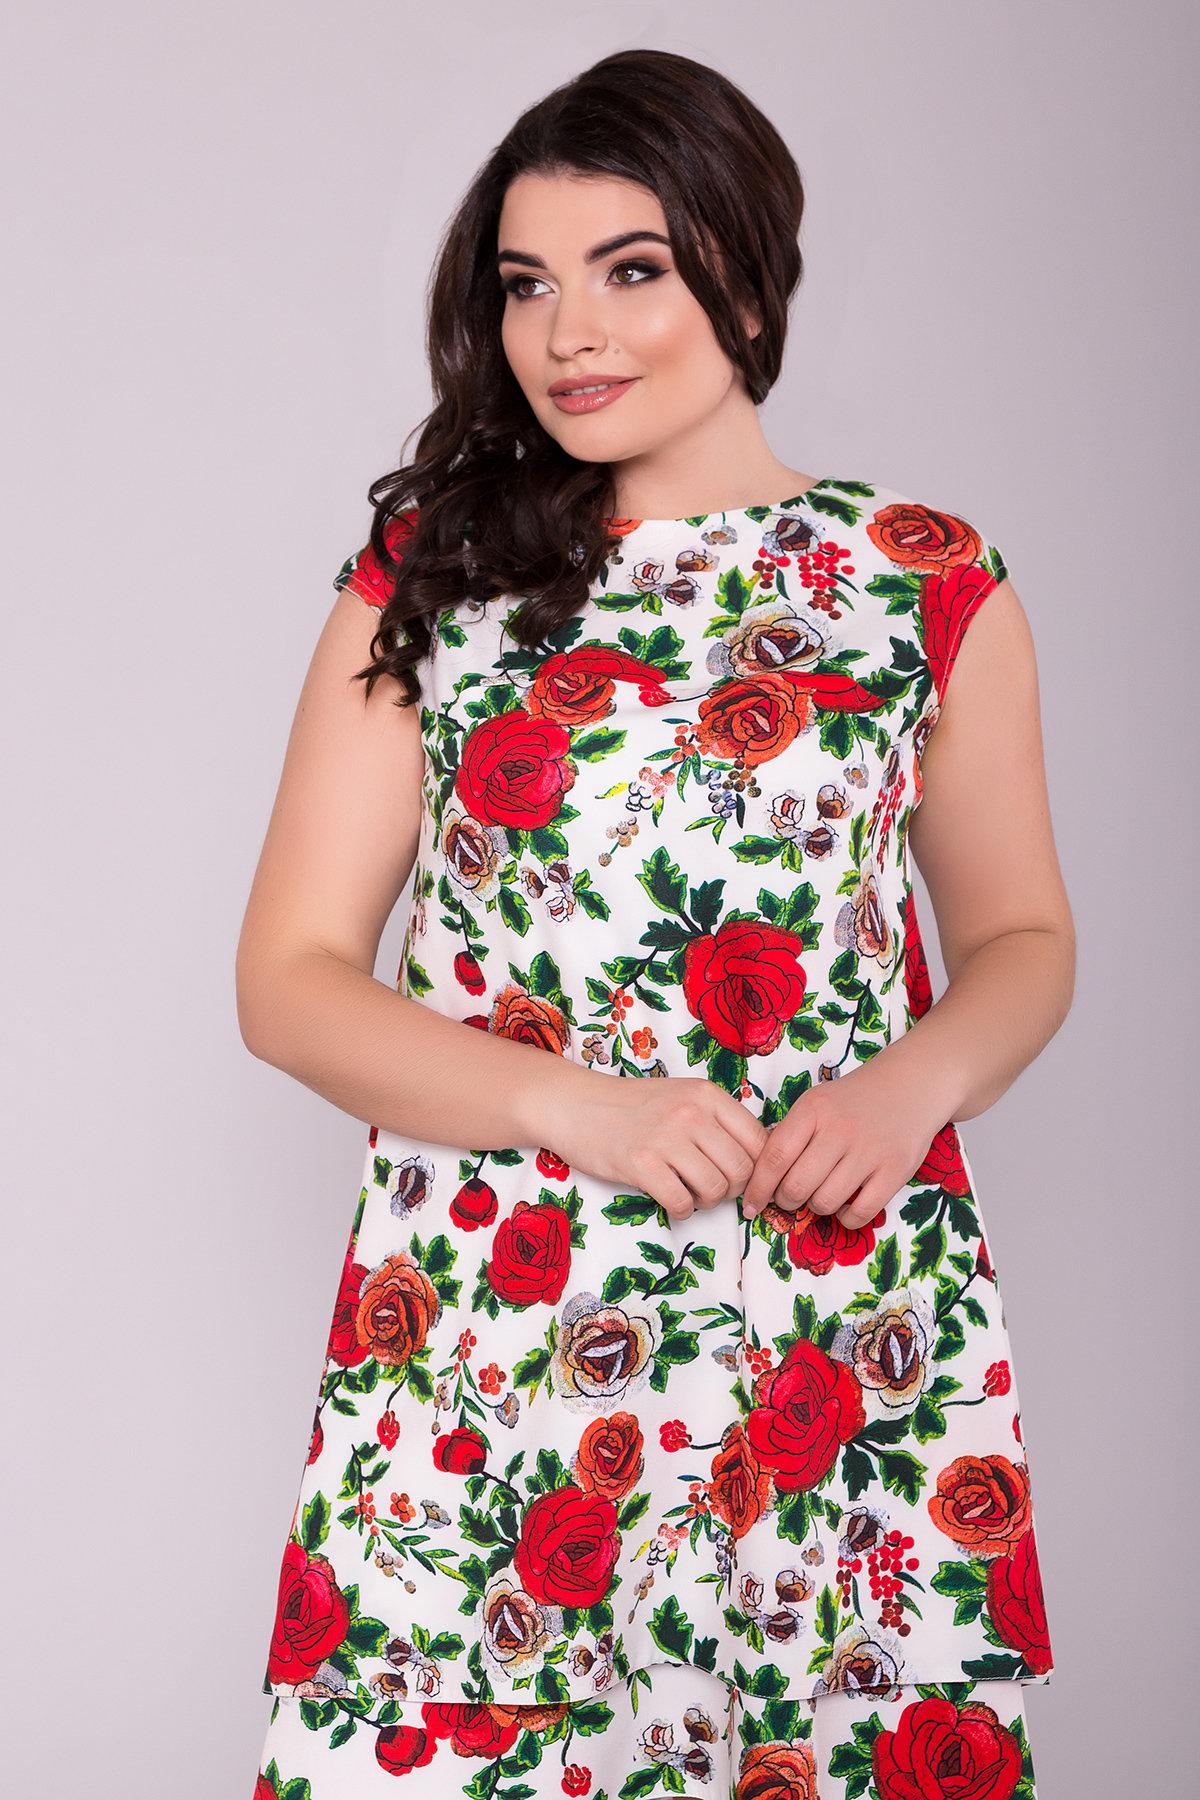 Платье Делафер DONNA 6885 АРТ. 42055 Цвет: Розы молоко/красный - фото 3, интернет магазин tm-modus.ru